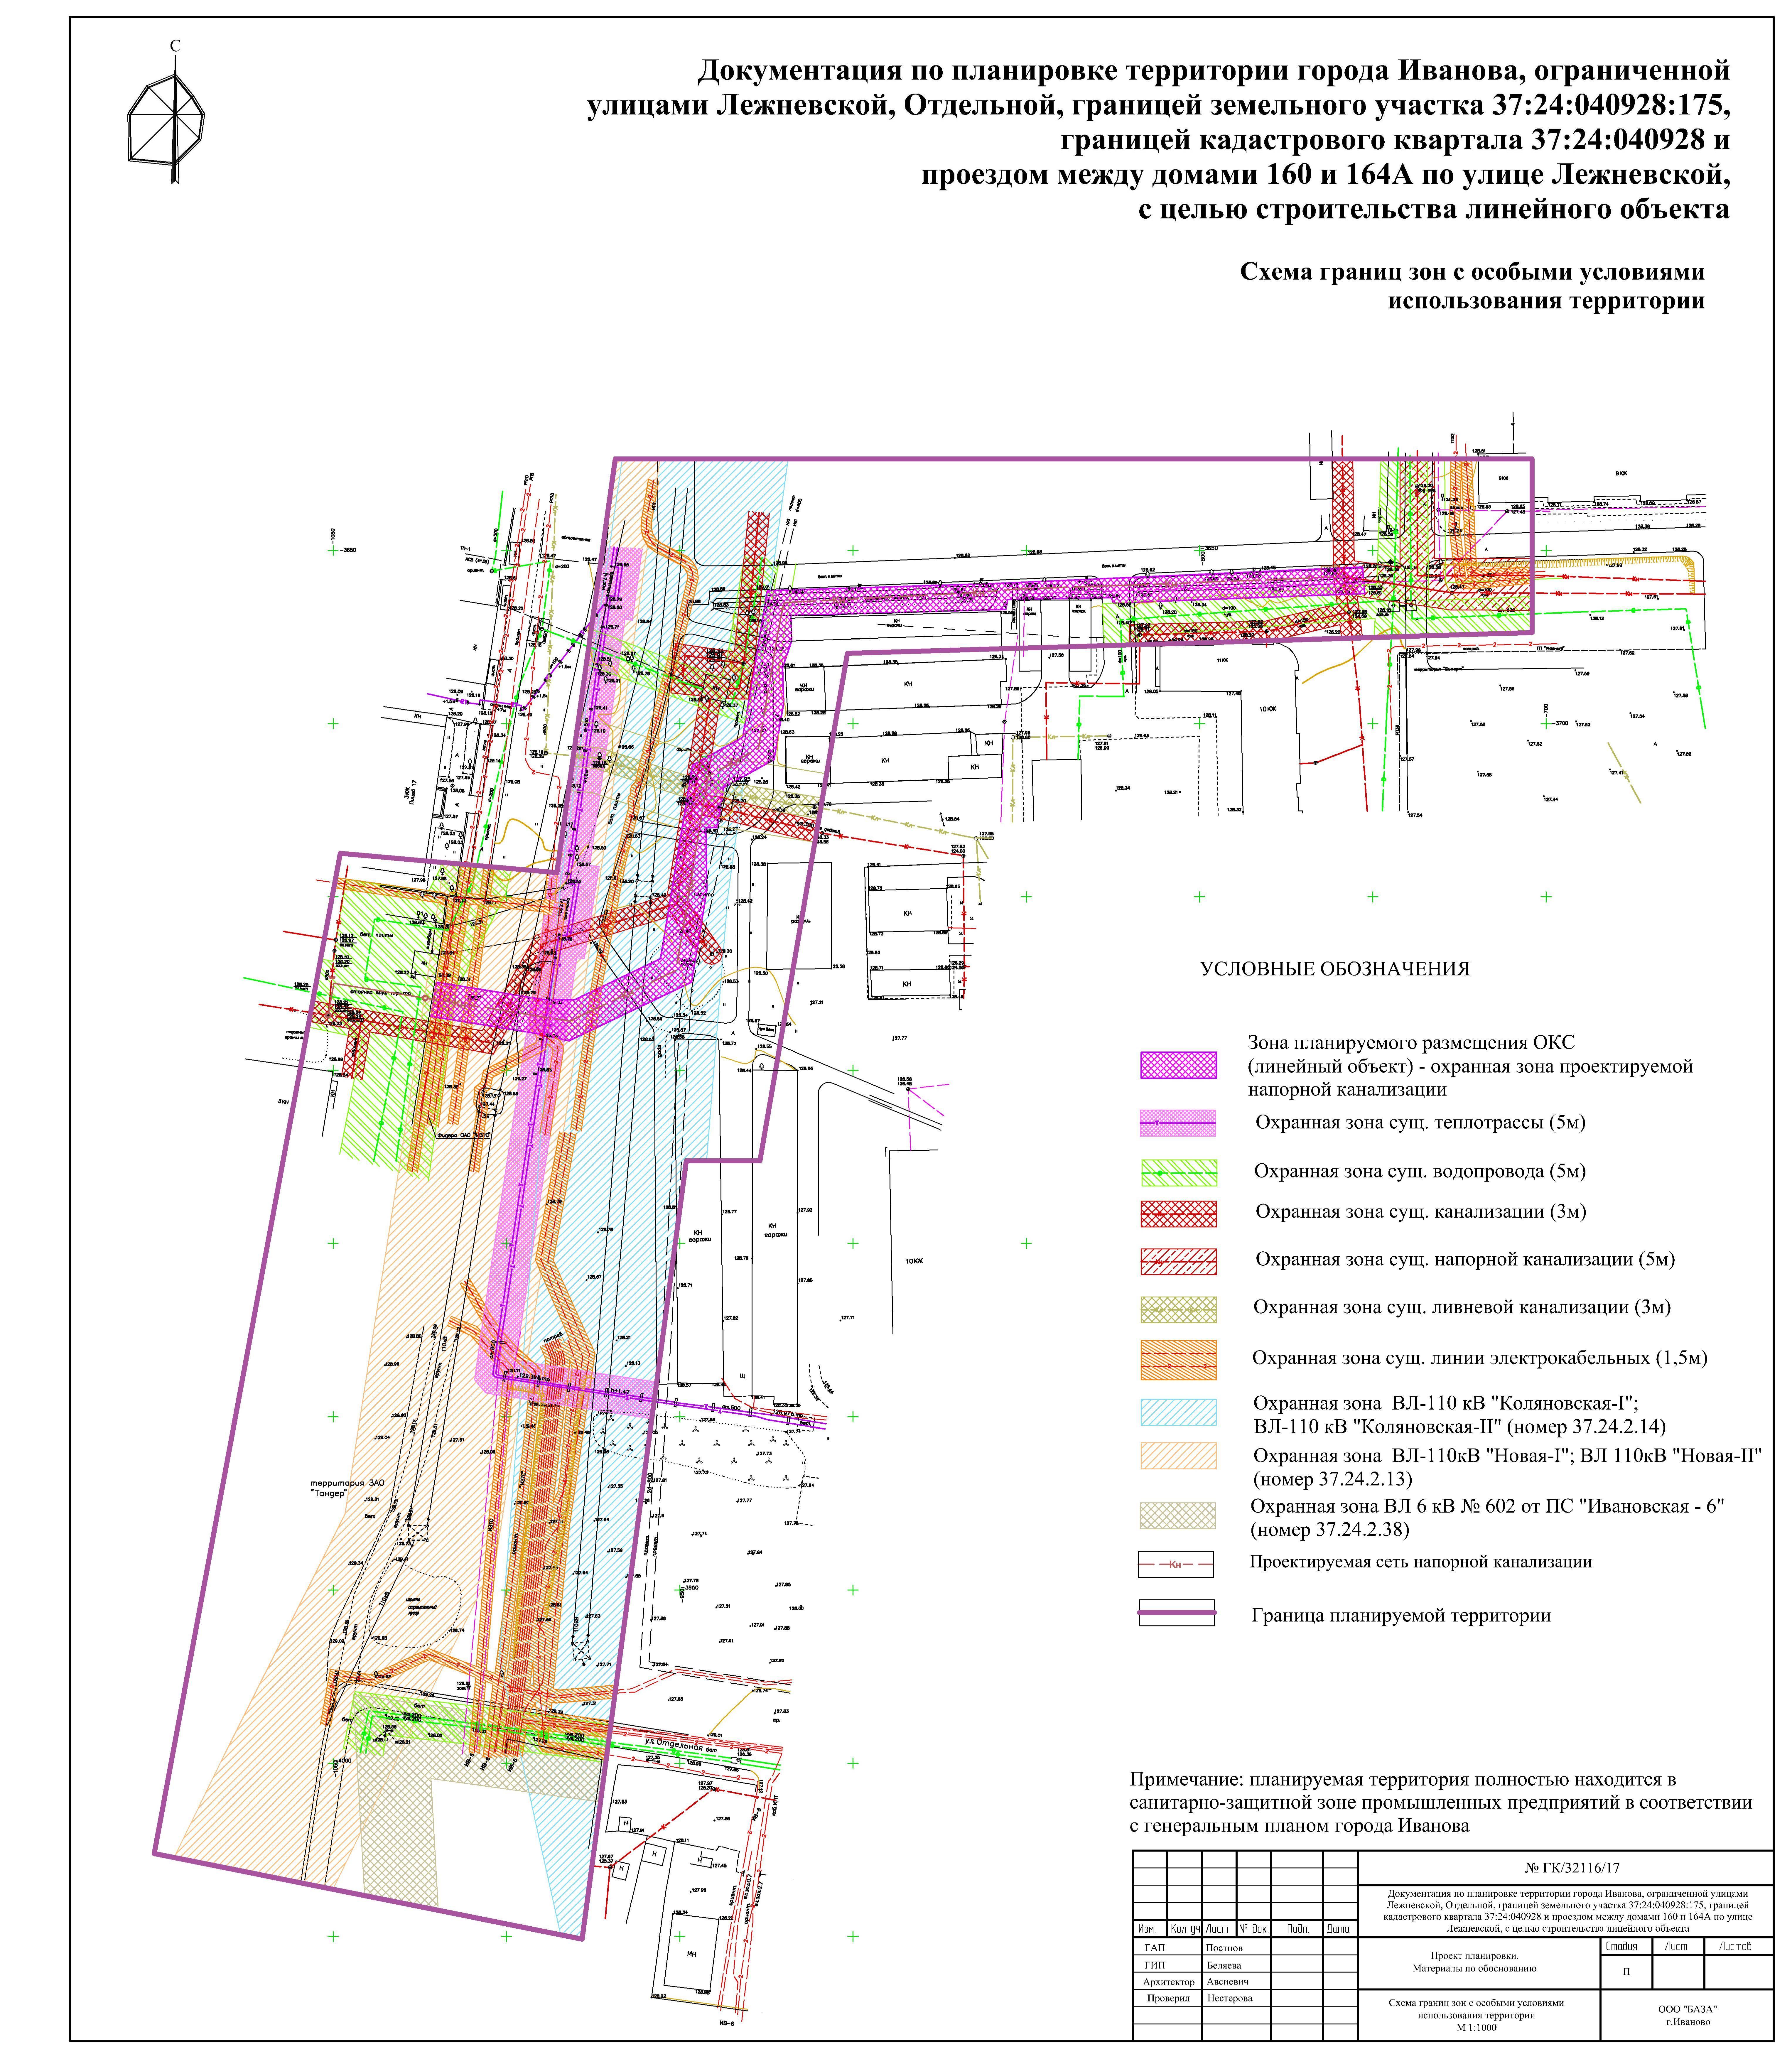 Нормы отвода земель для водопровода и канализации: ширина полосы